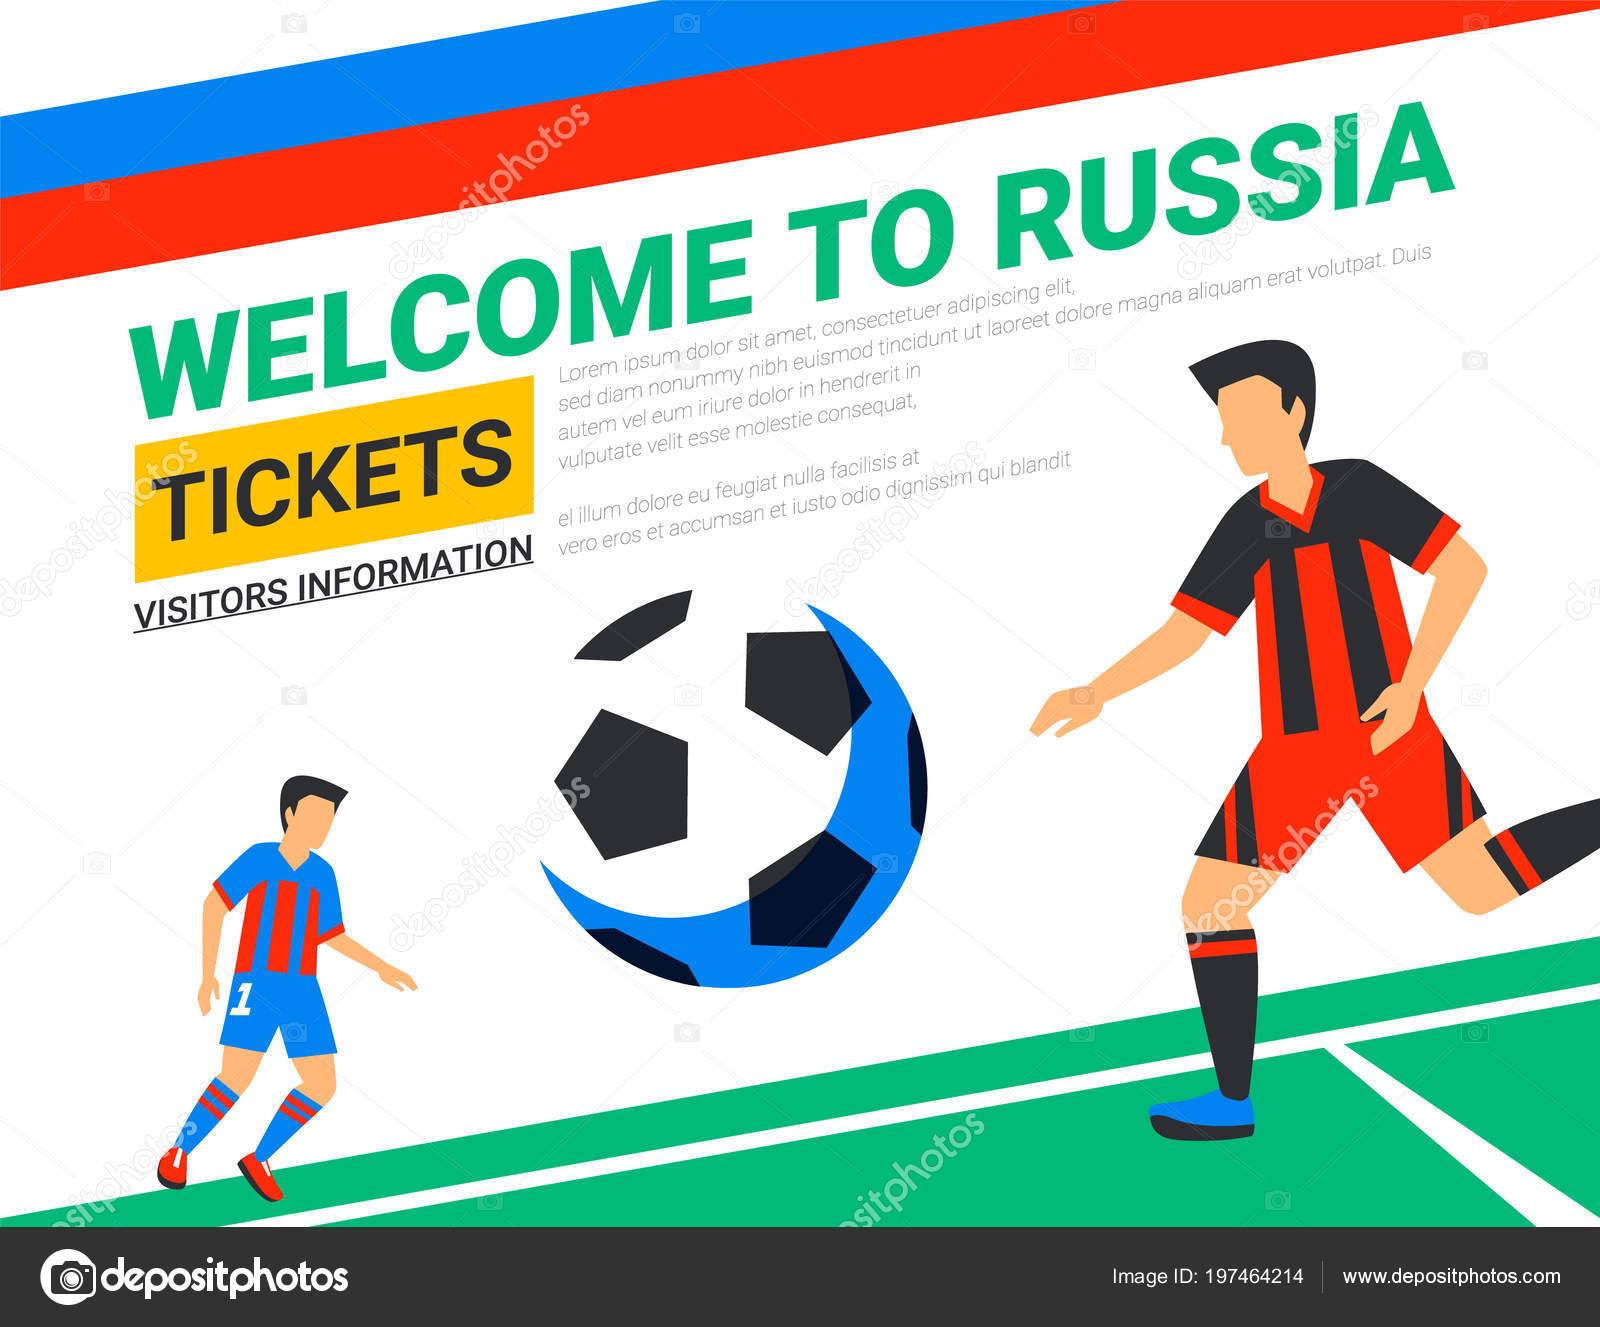 dfe23f10aa Jogadores de futebol com bola de futebol. Bem-vindo ao modelo de banner da  web na Rússia. Tolo cor ilustração em estilo simples.